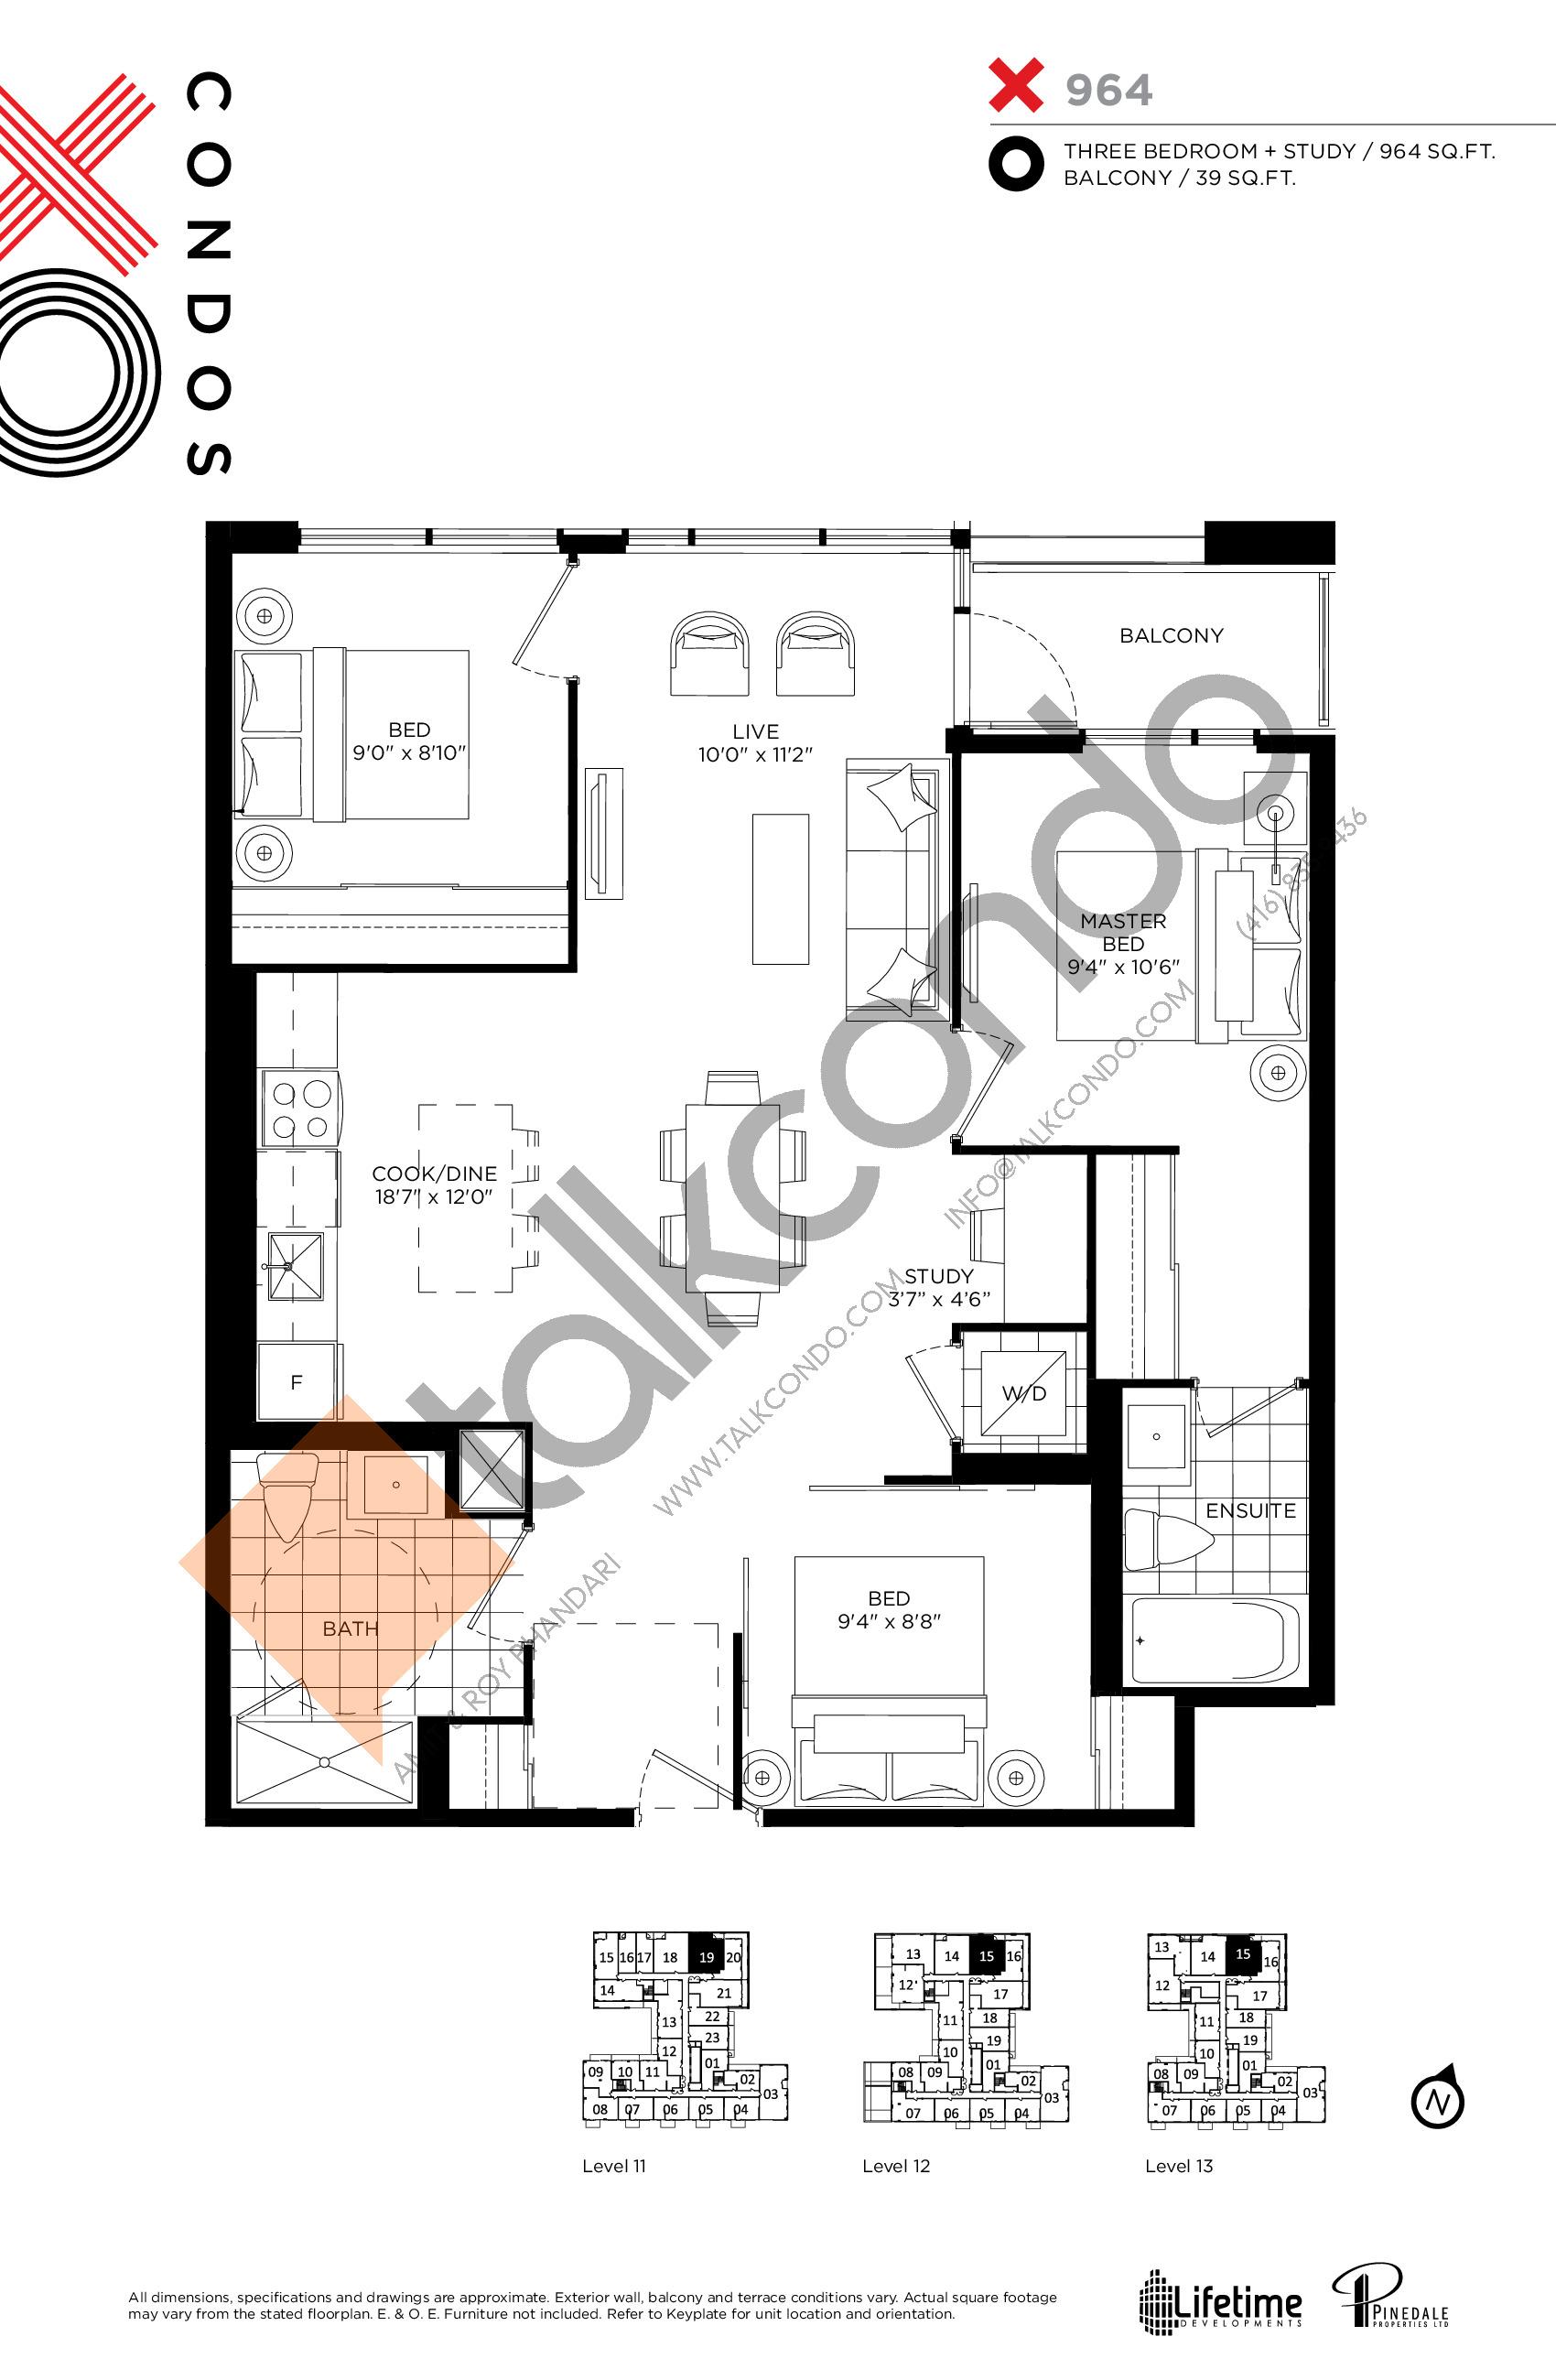 X964 Floor Plan at XO Condos - 964 sq.ft